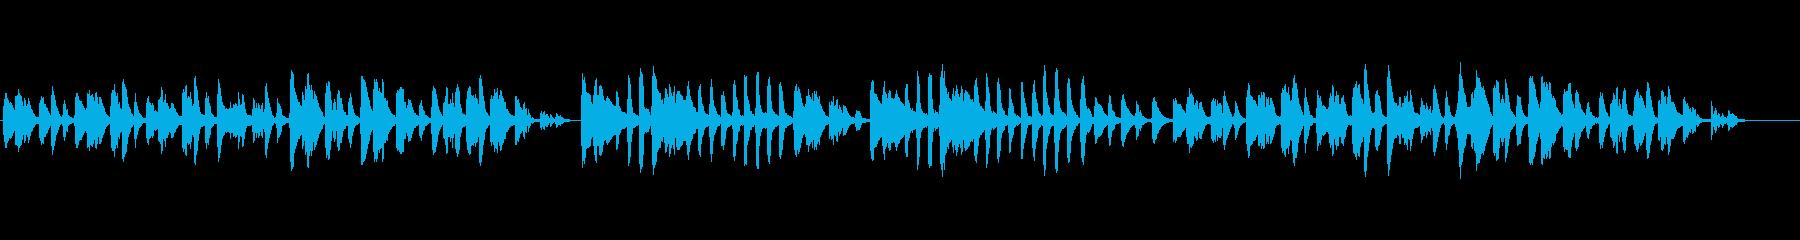 ブルグミュラーの「優美」の再生済みの波形